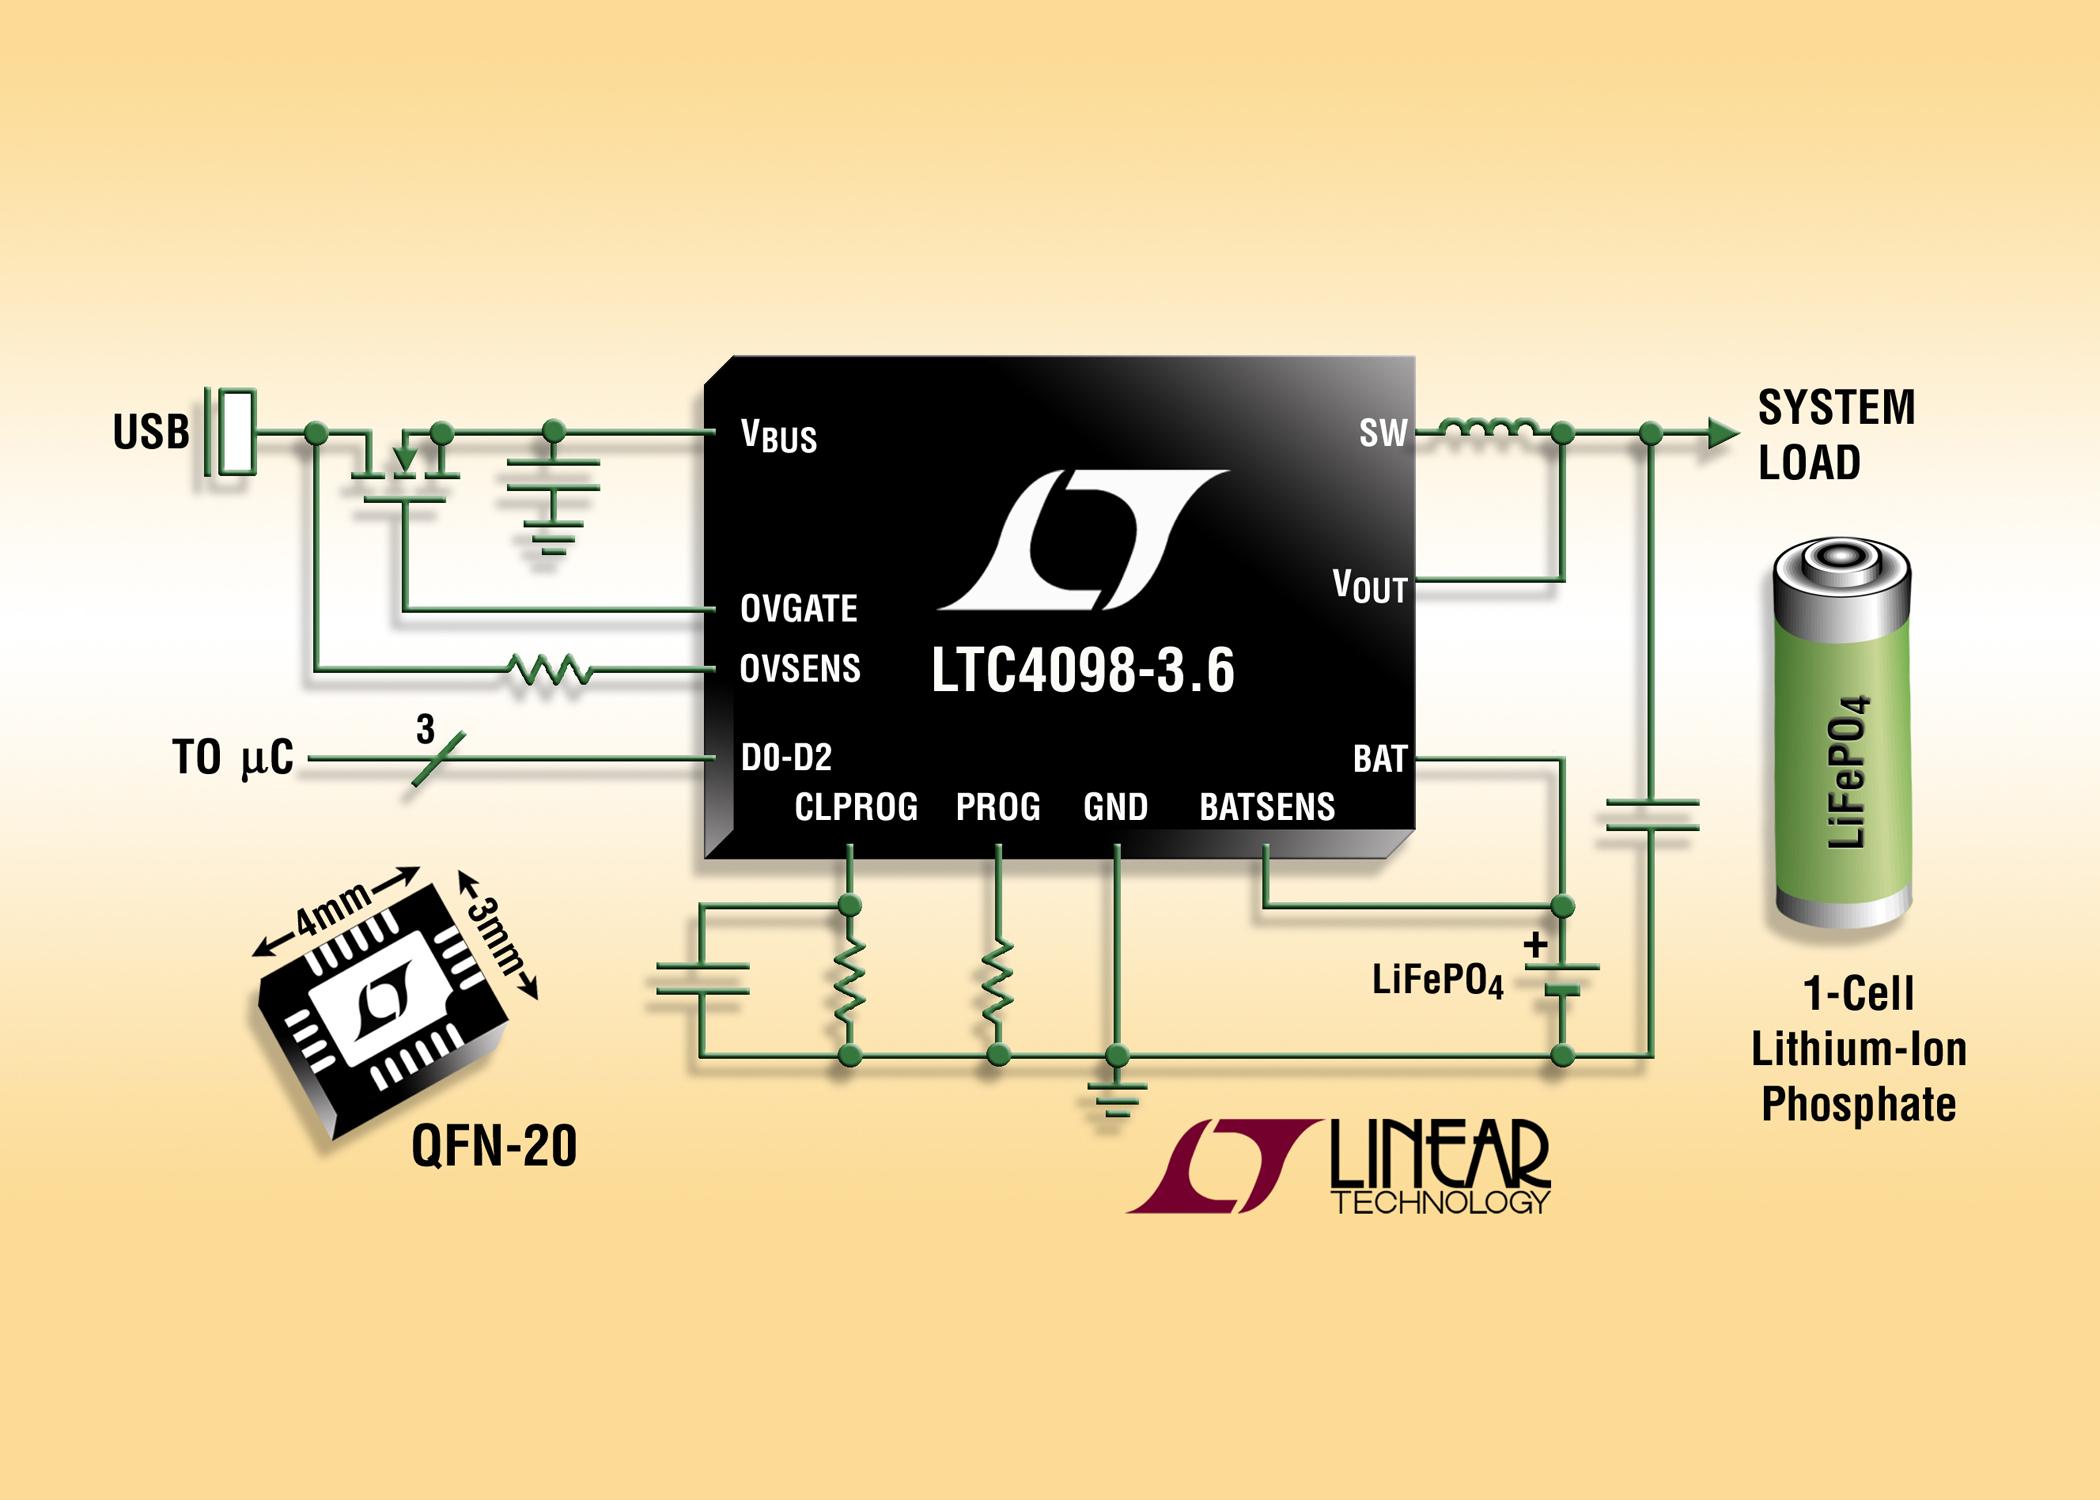 照片说明:用于 LiFePO4 的高效率 USB 电源管理器和电池充电器